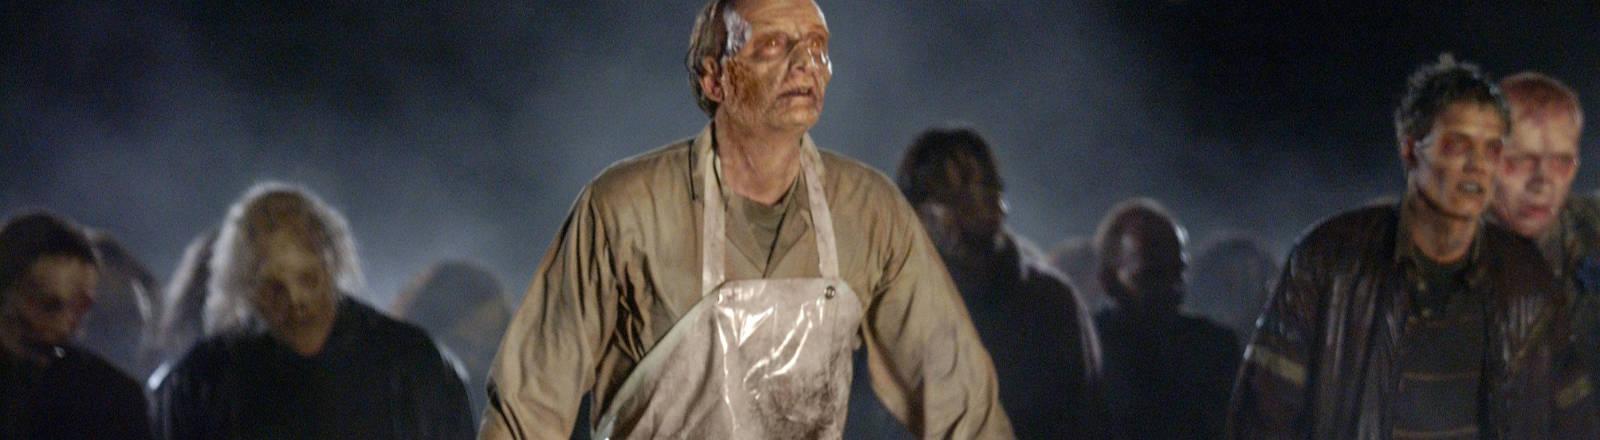 Ausschnitt aus einem Zombie-Film